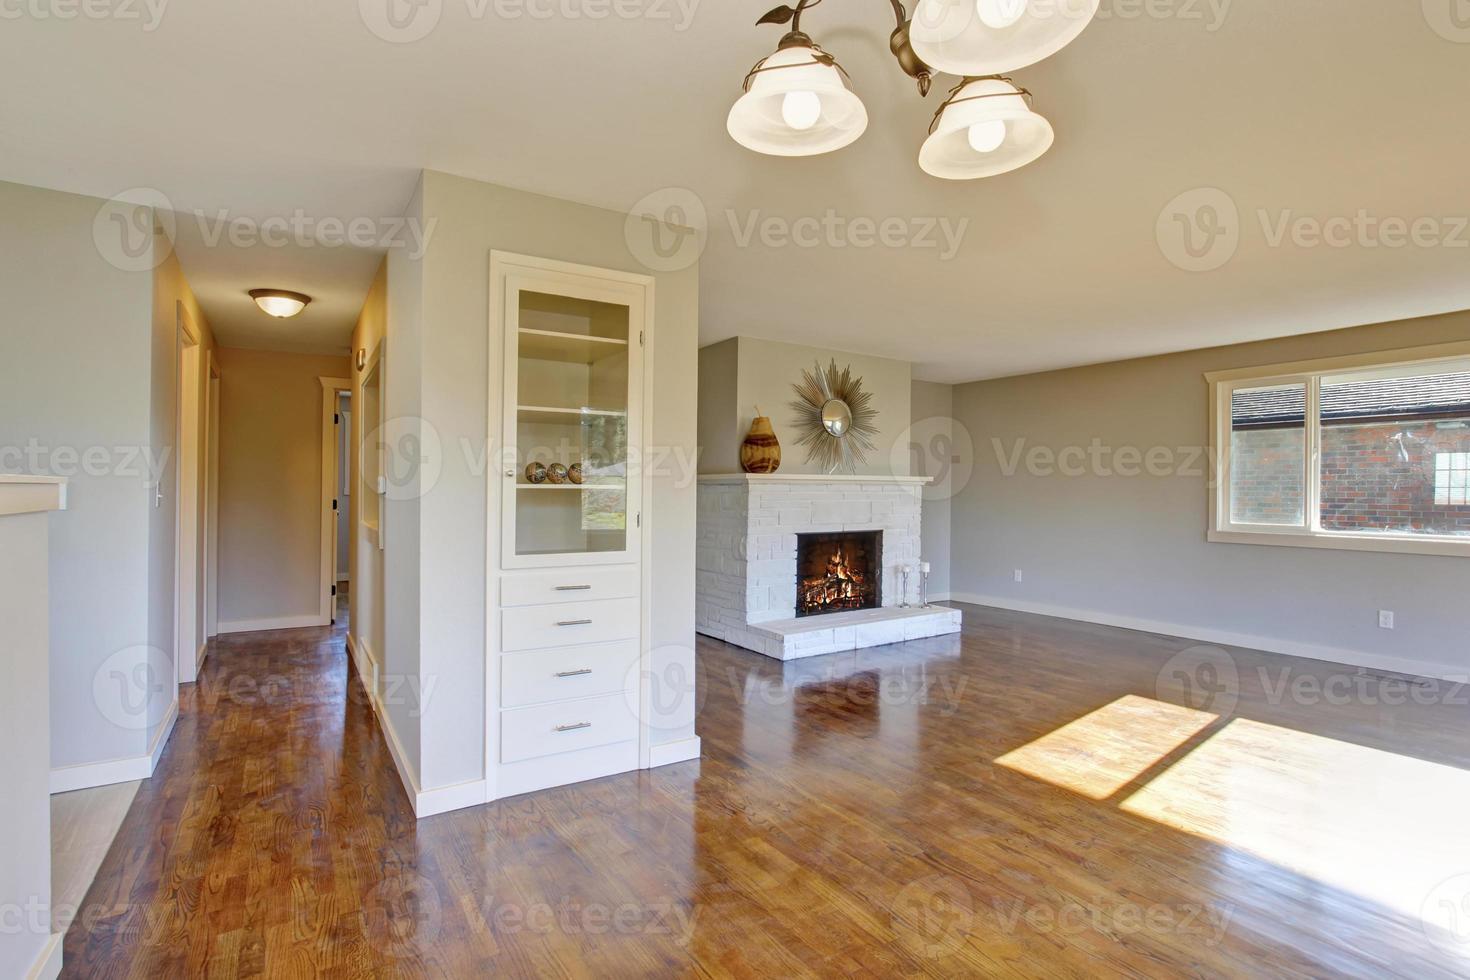 hårt trä vardagsrum med öppen spis. foto